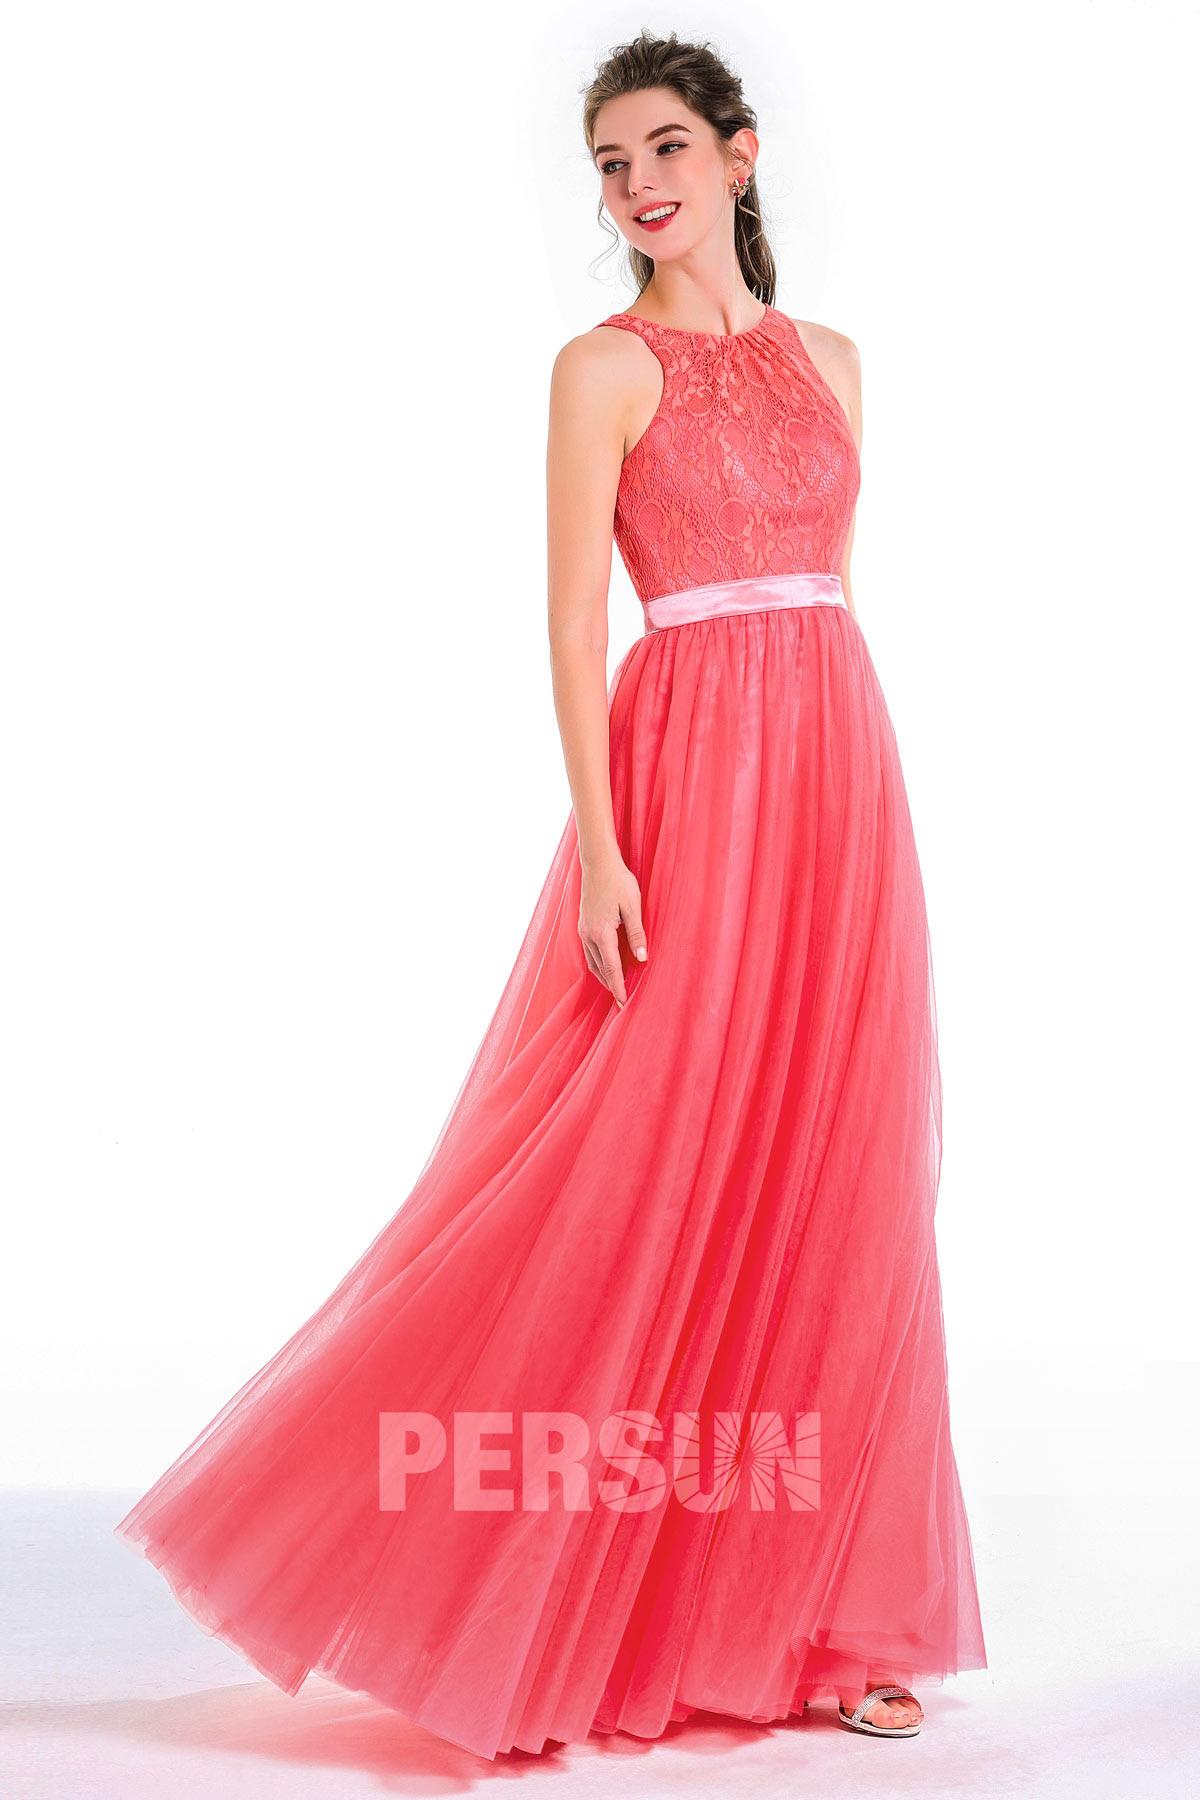 persunshop | abendkleider & hochzeitskleider günstig 2012